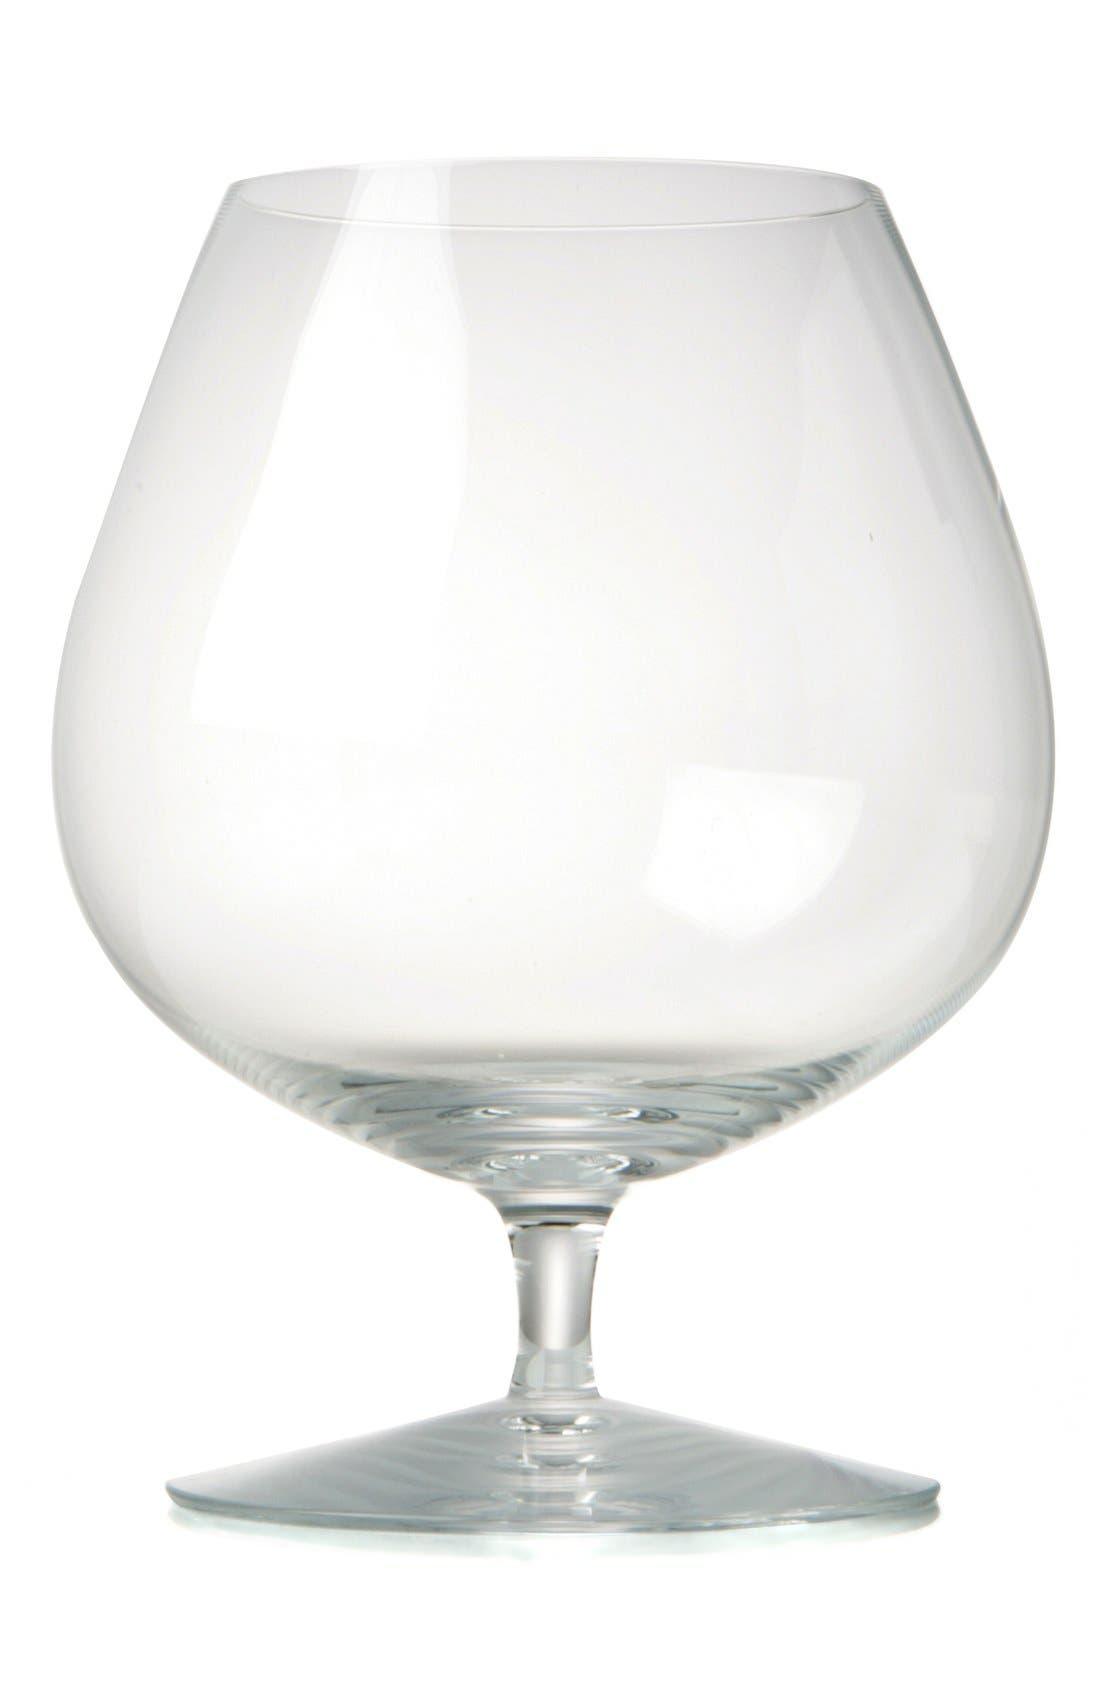 'Expert' Cognac Glasses,                             Main thumbnail 1, color,                             100